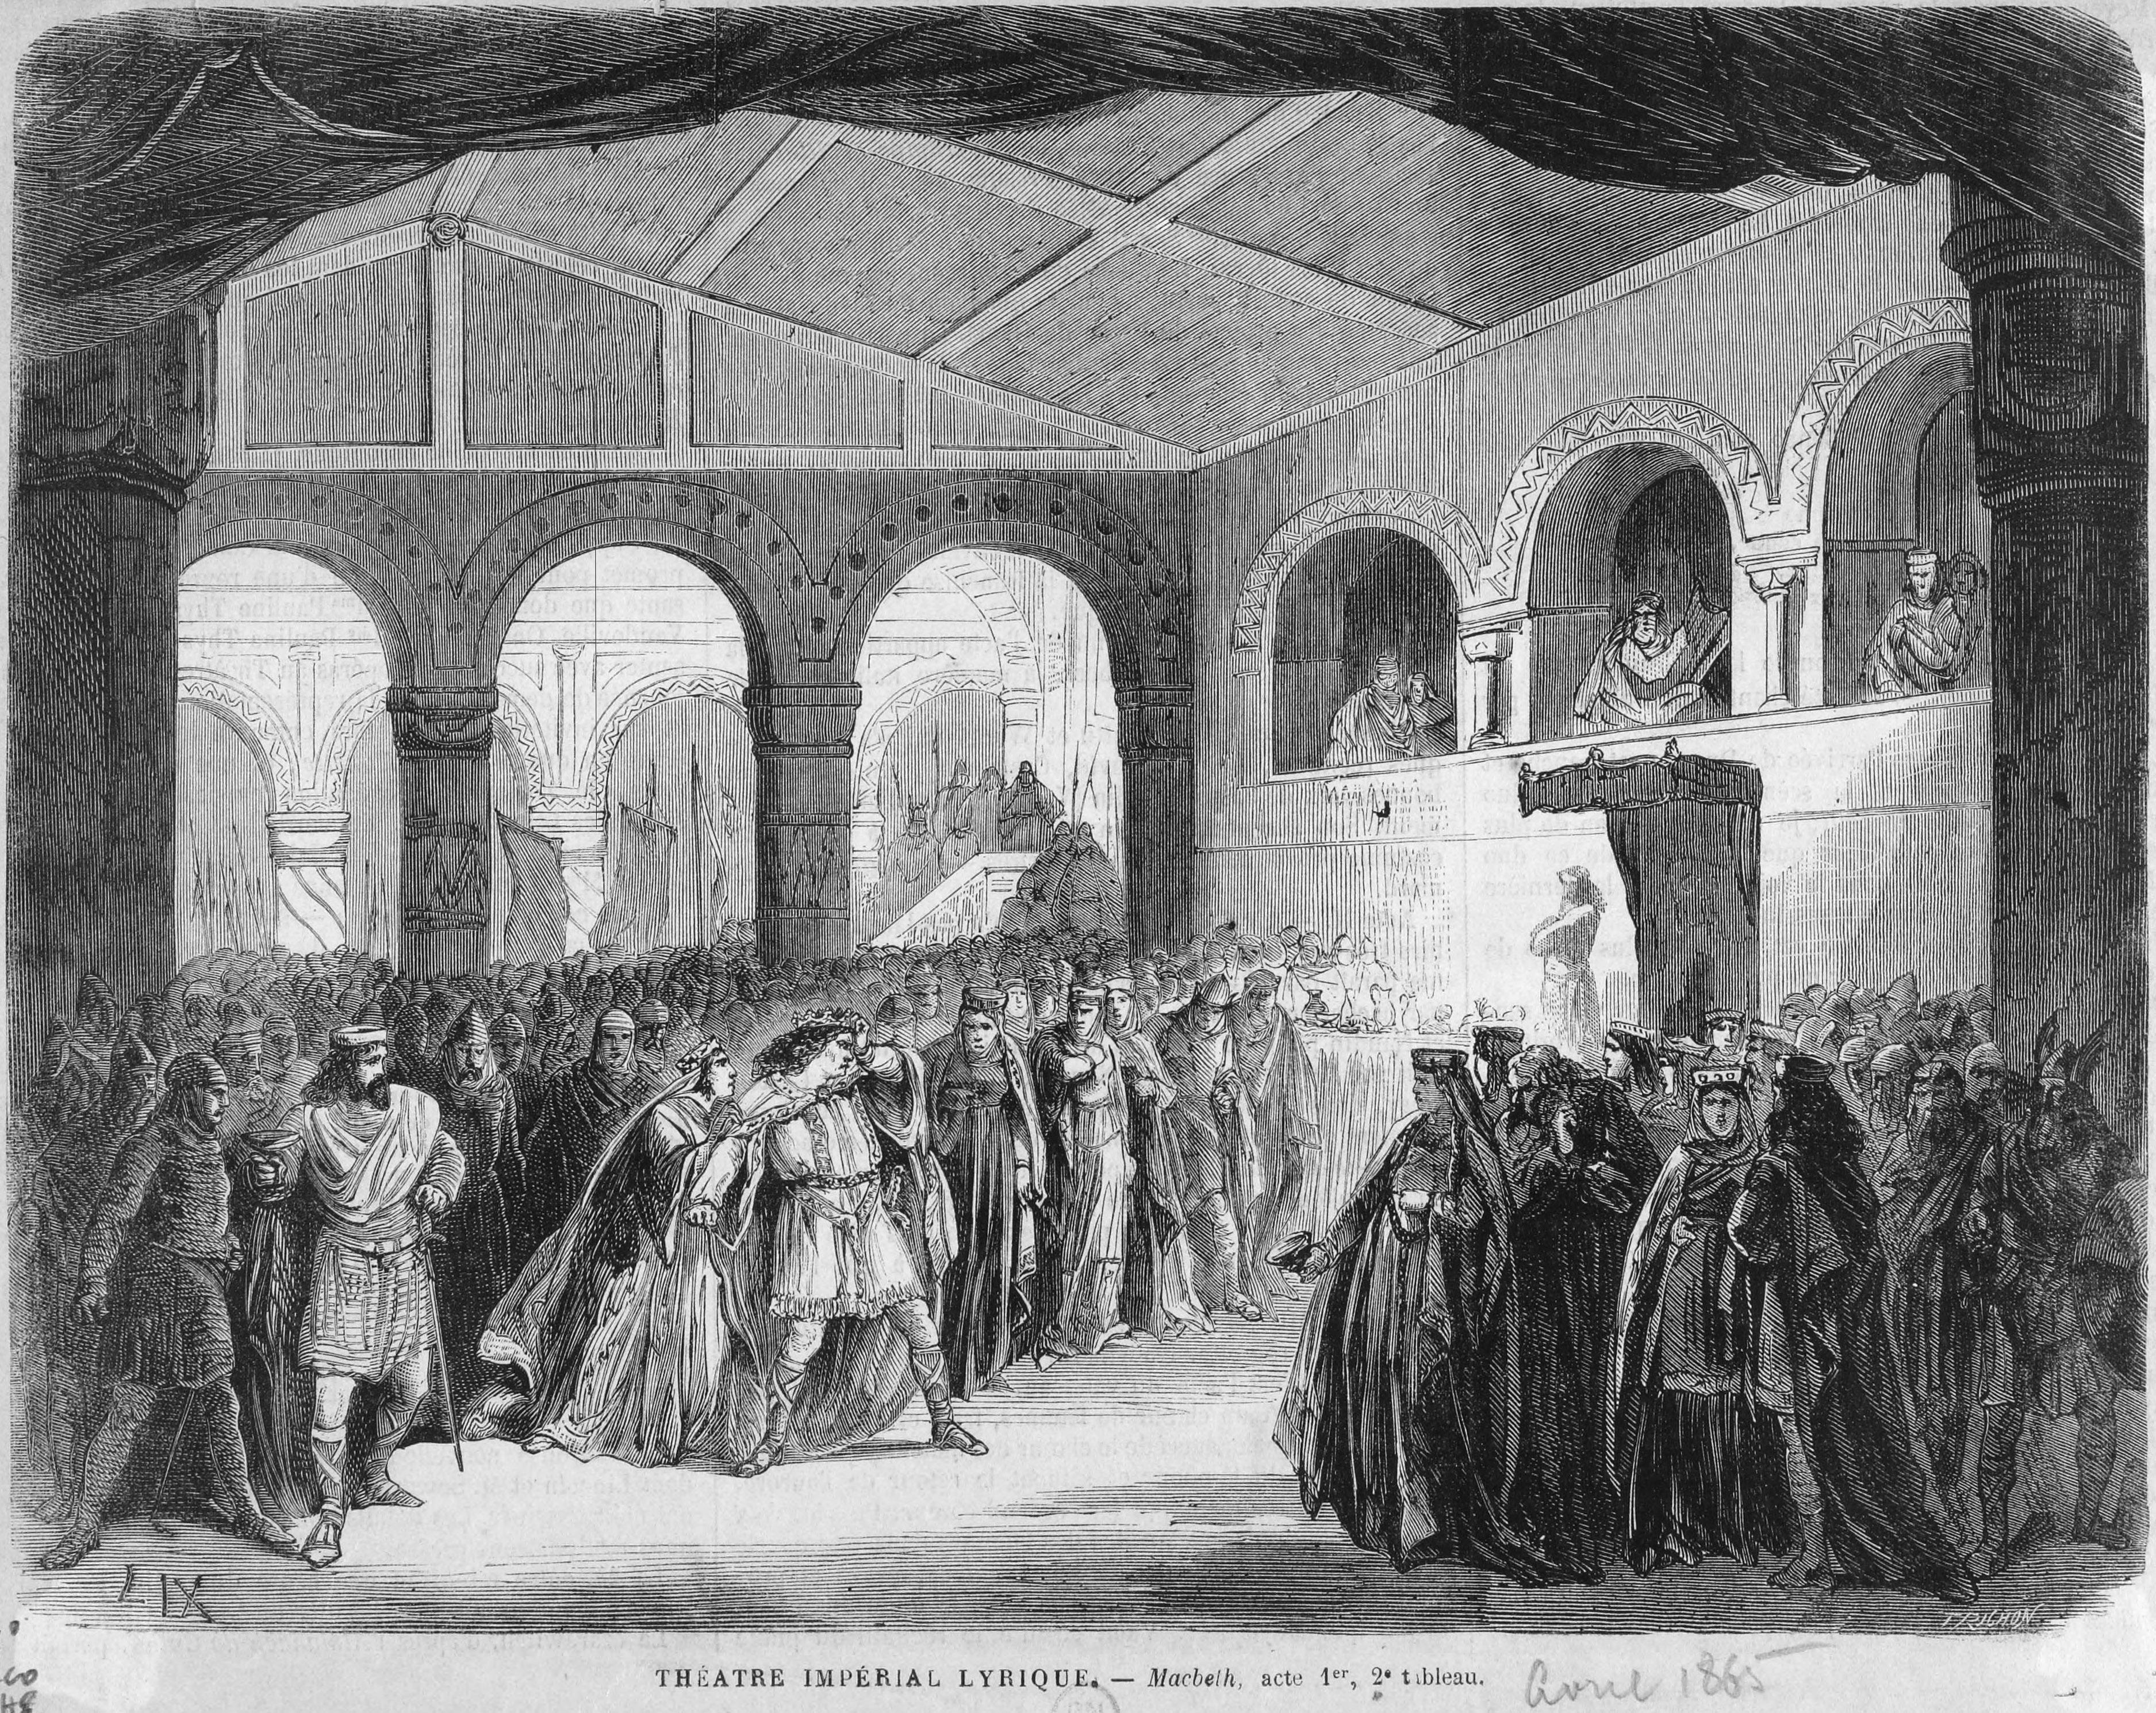 Bozzetto della Scena II Atto I, per la messa in scena del 1865 al Théâtre Lyrique